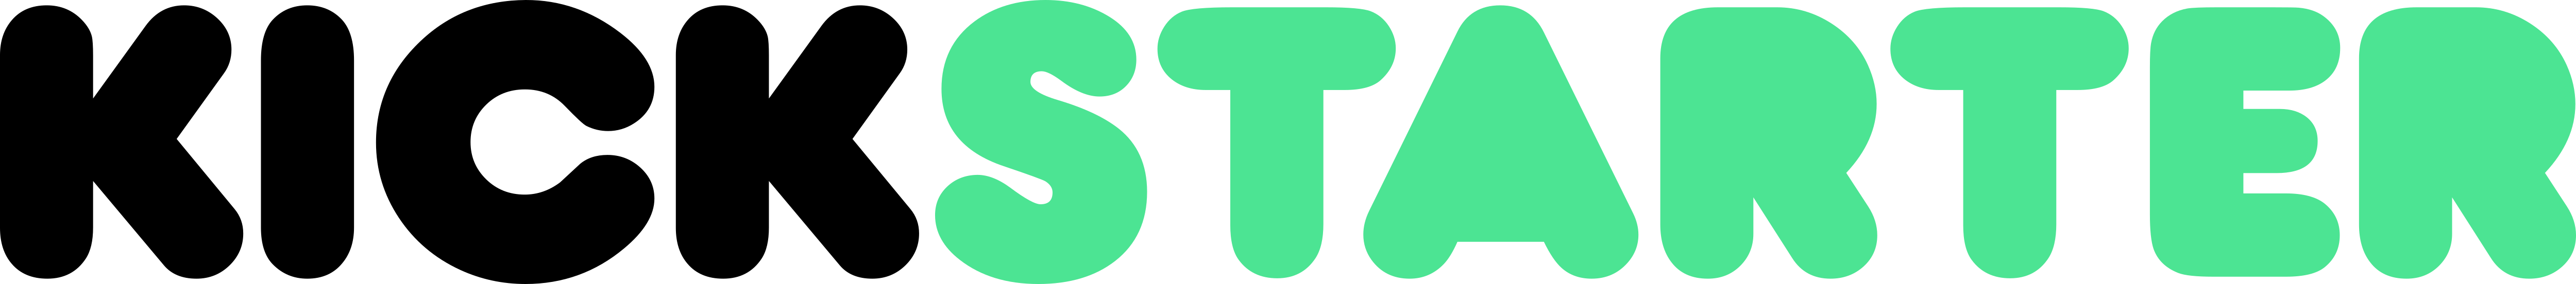 Kickstarter - Logos Download